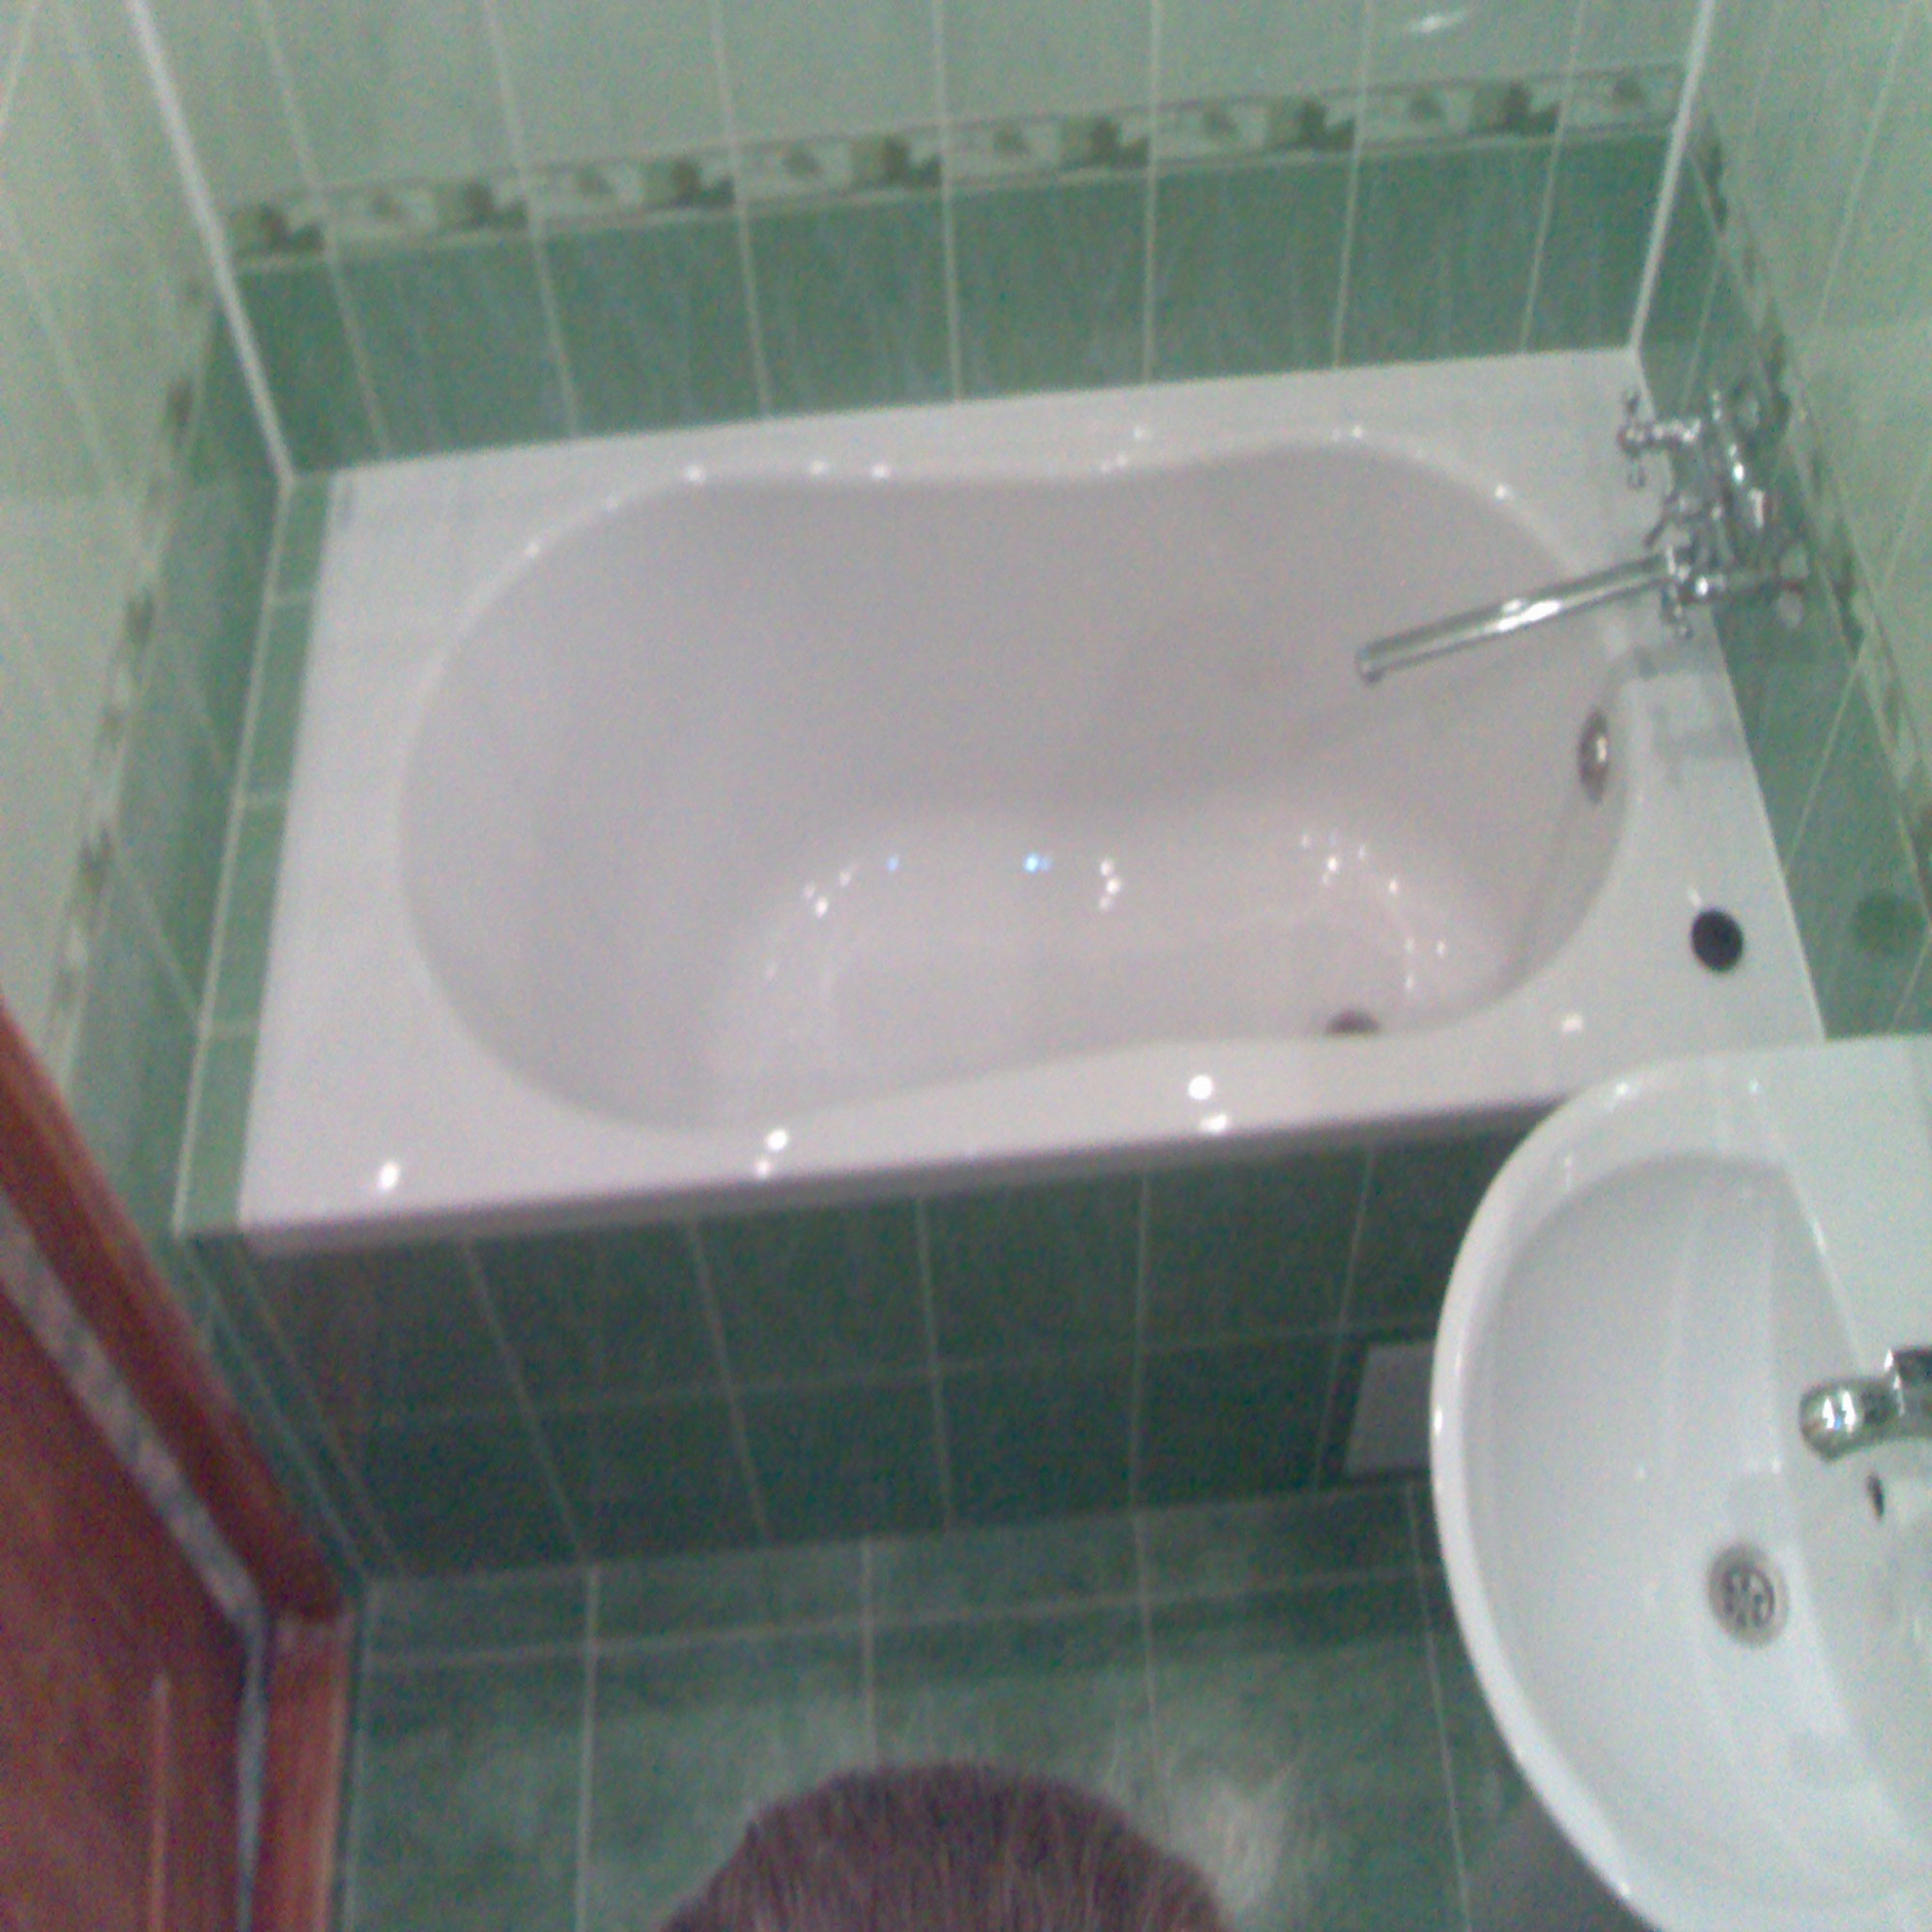 Дизайн оформления маленькой ванной комнаты с отделкой кафельной плиткой зеленого цвета